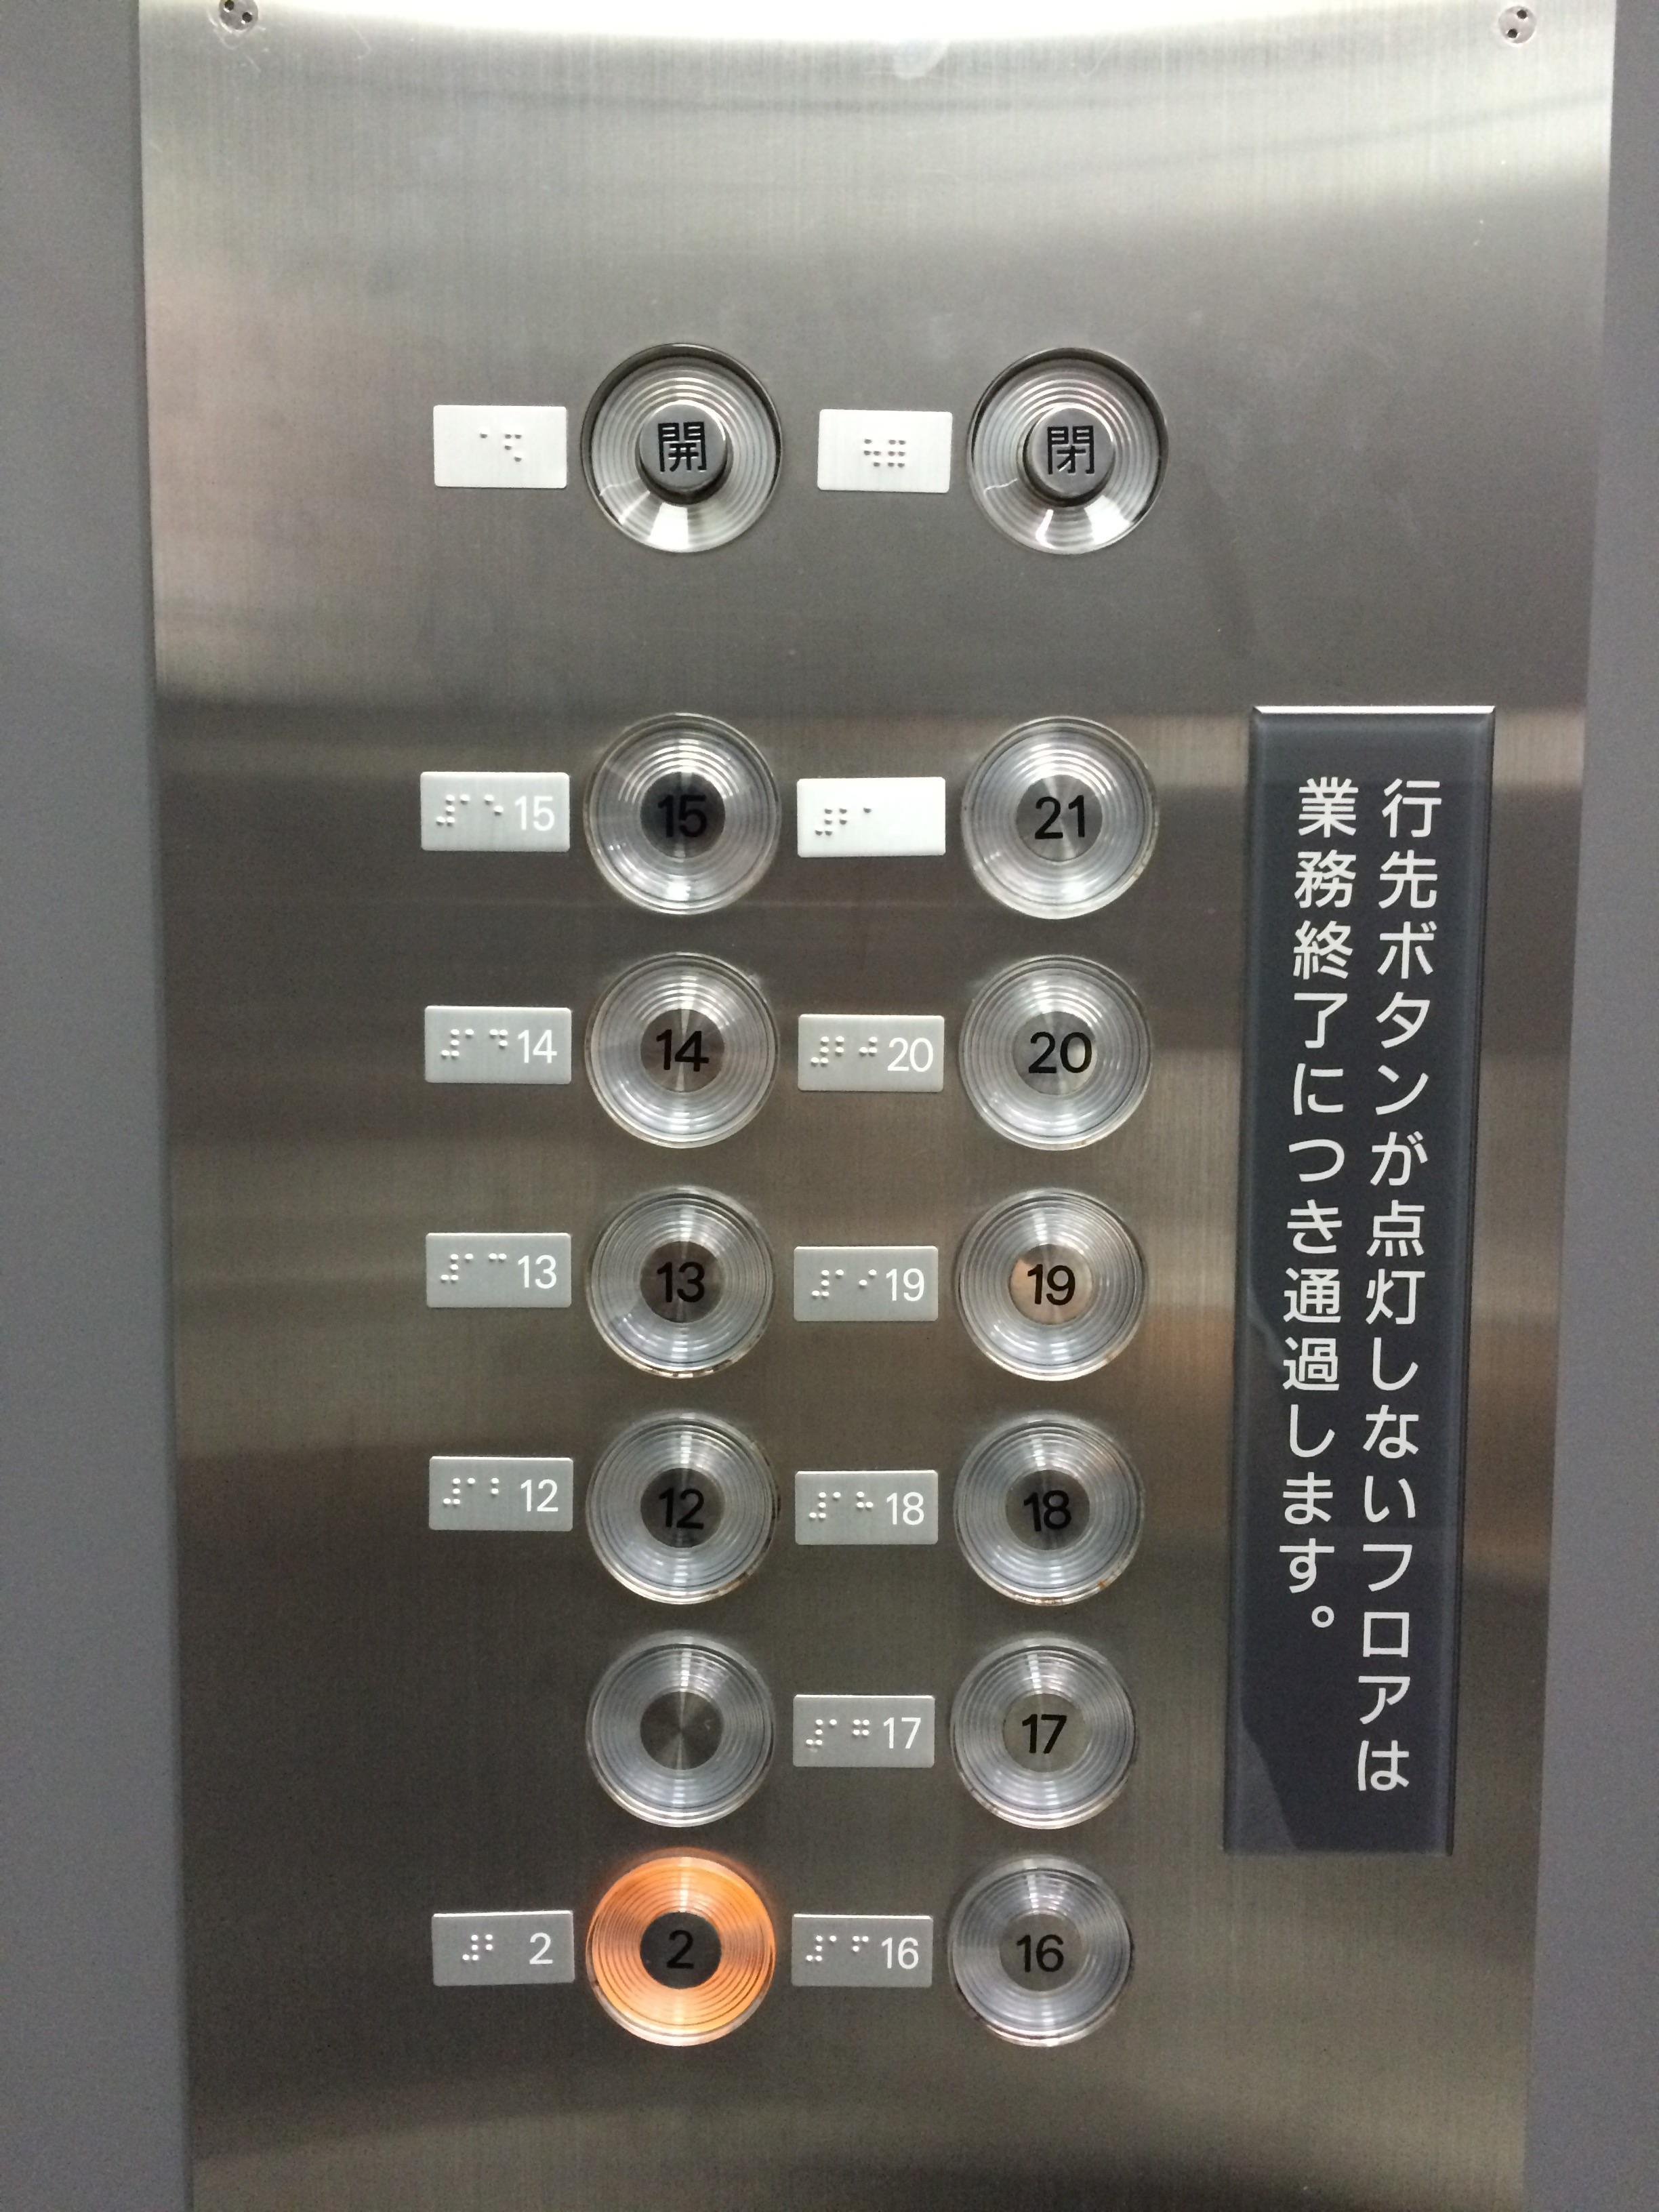 タッチ式と押し込み式